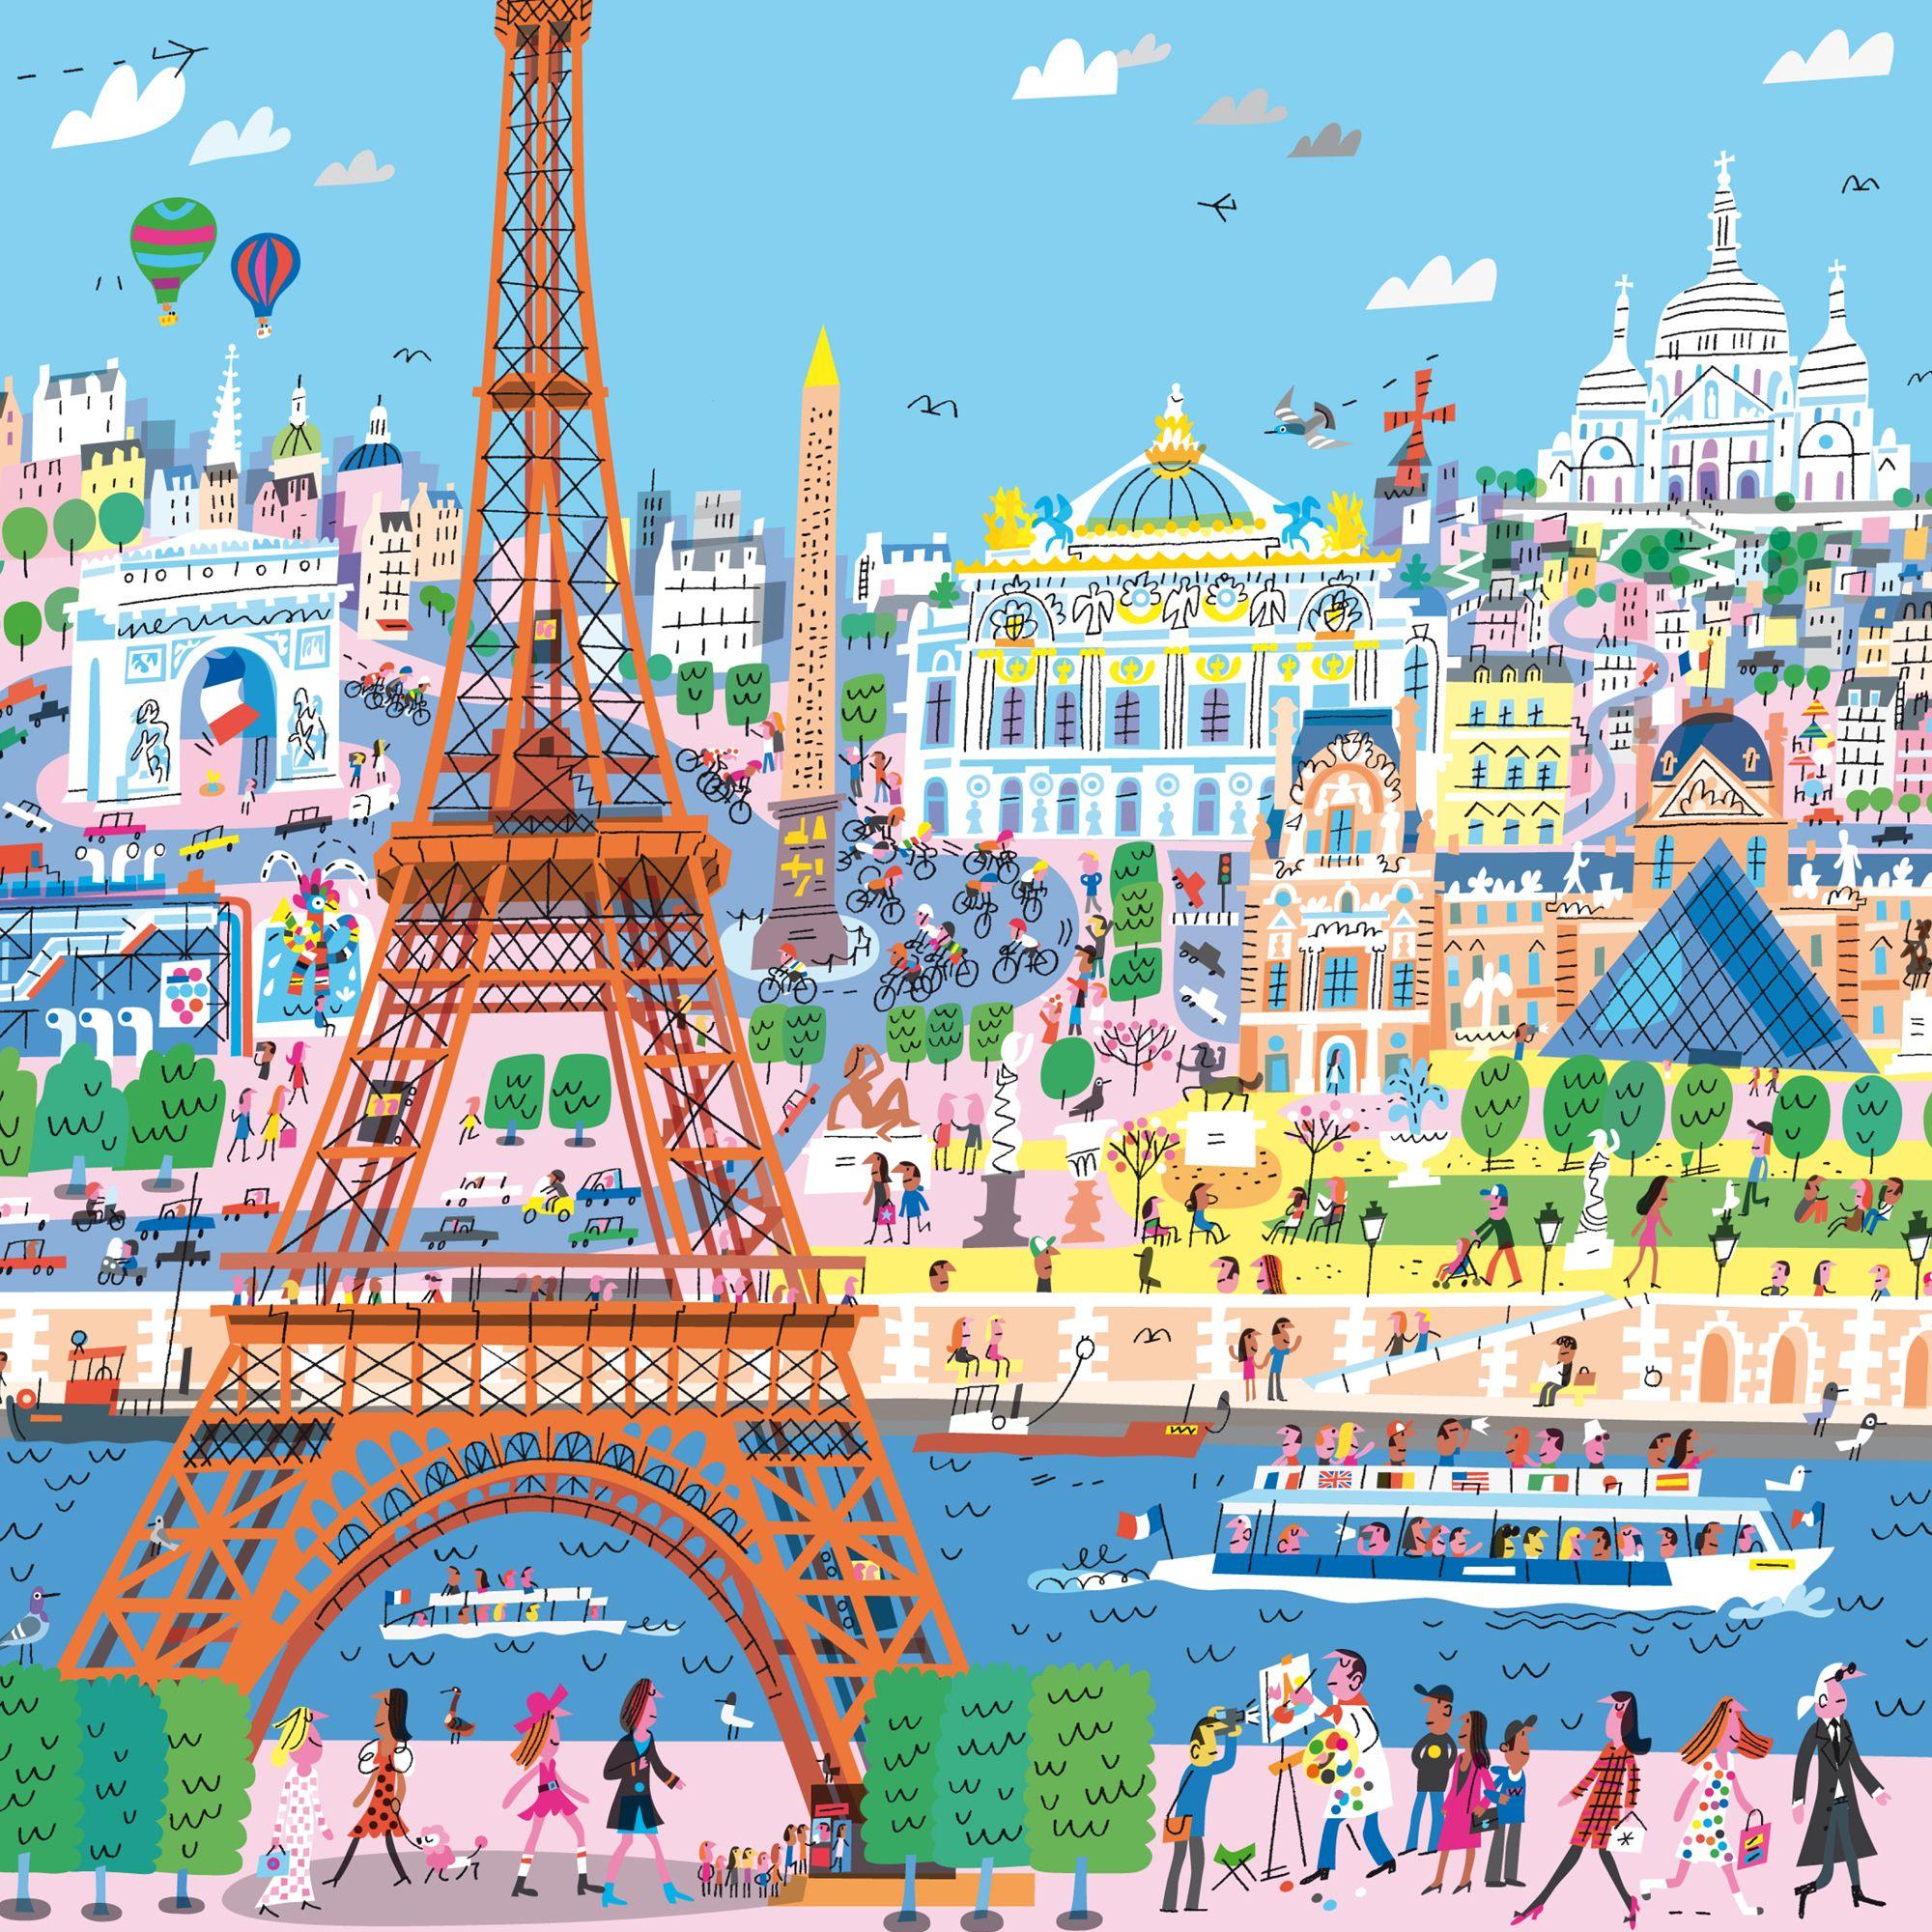 Paris Illustration: Paris By Peter Allen